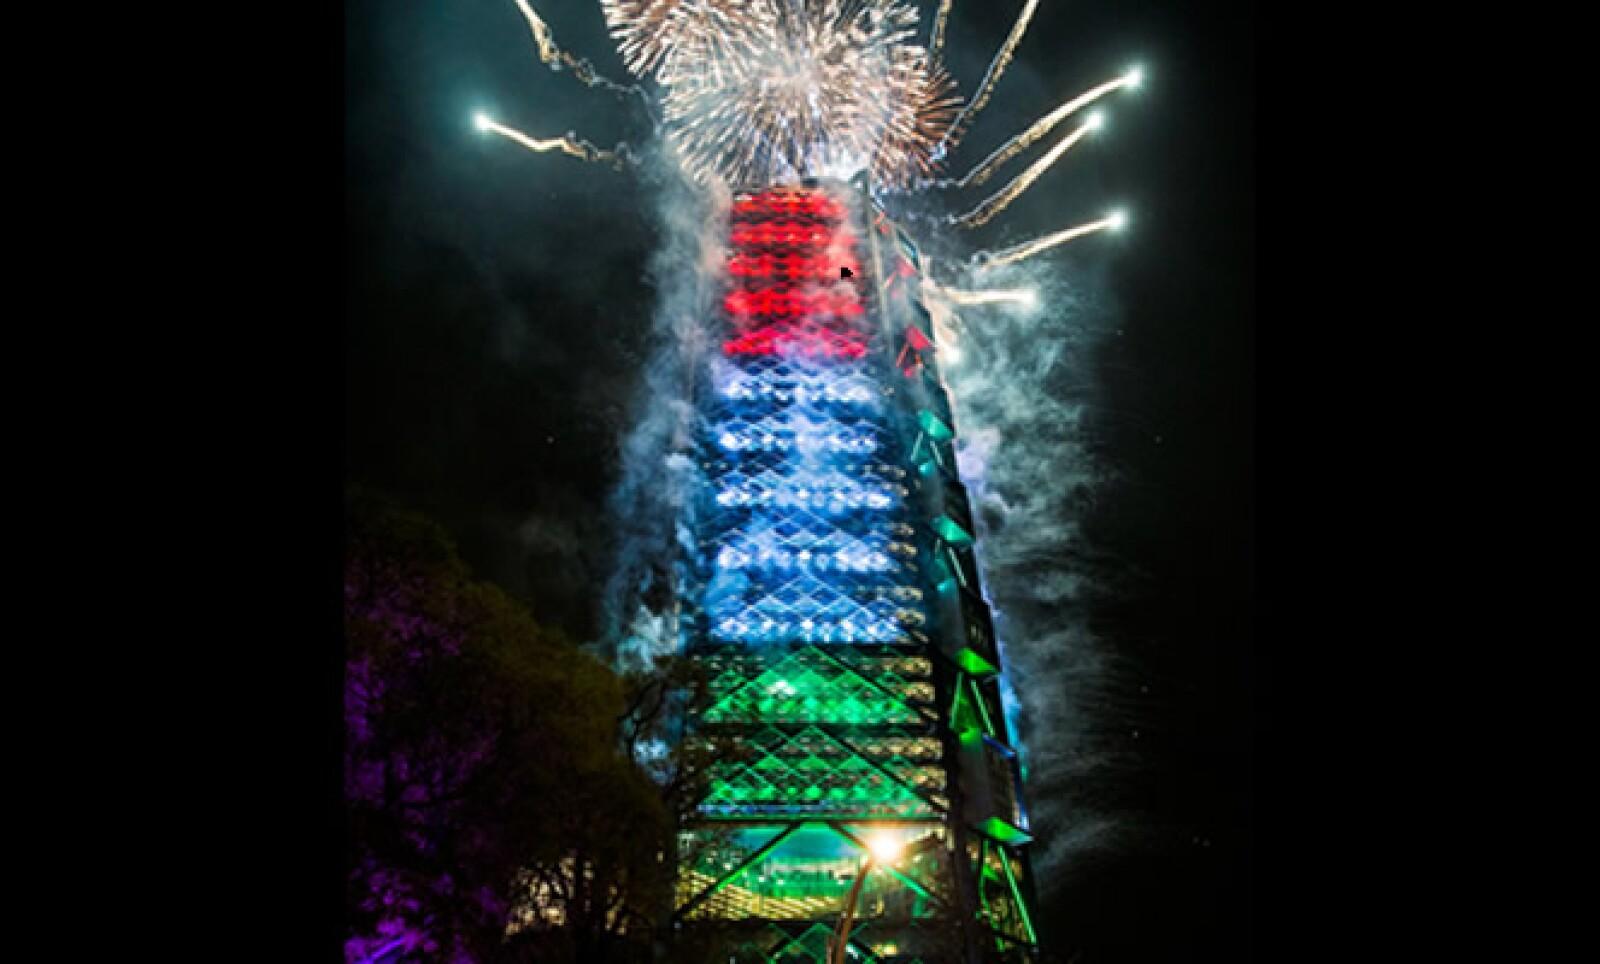 La torre cuenta con 43 elevadores, 2,813 lugares de estacionamiento, 255 lugares para bicicletas y un auditorio para 250 personas.